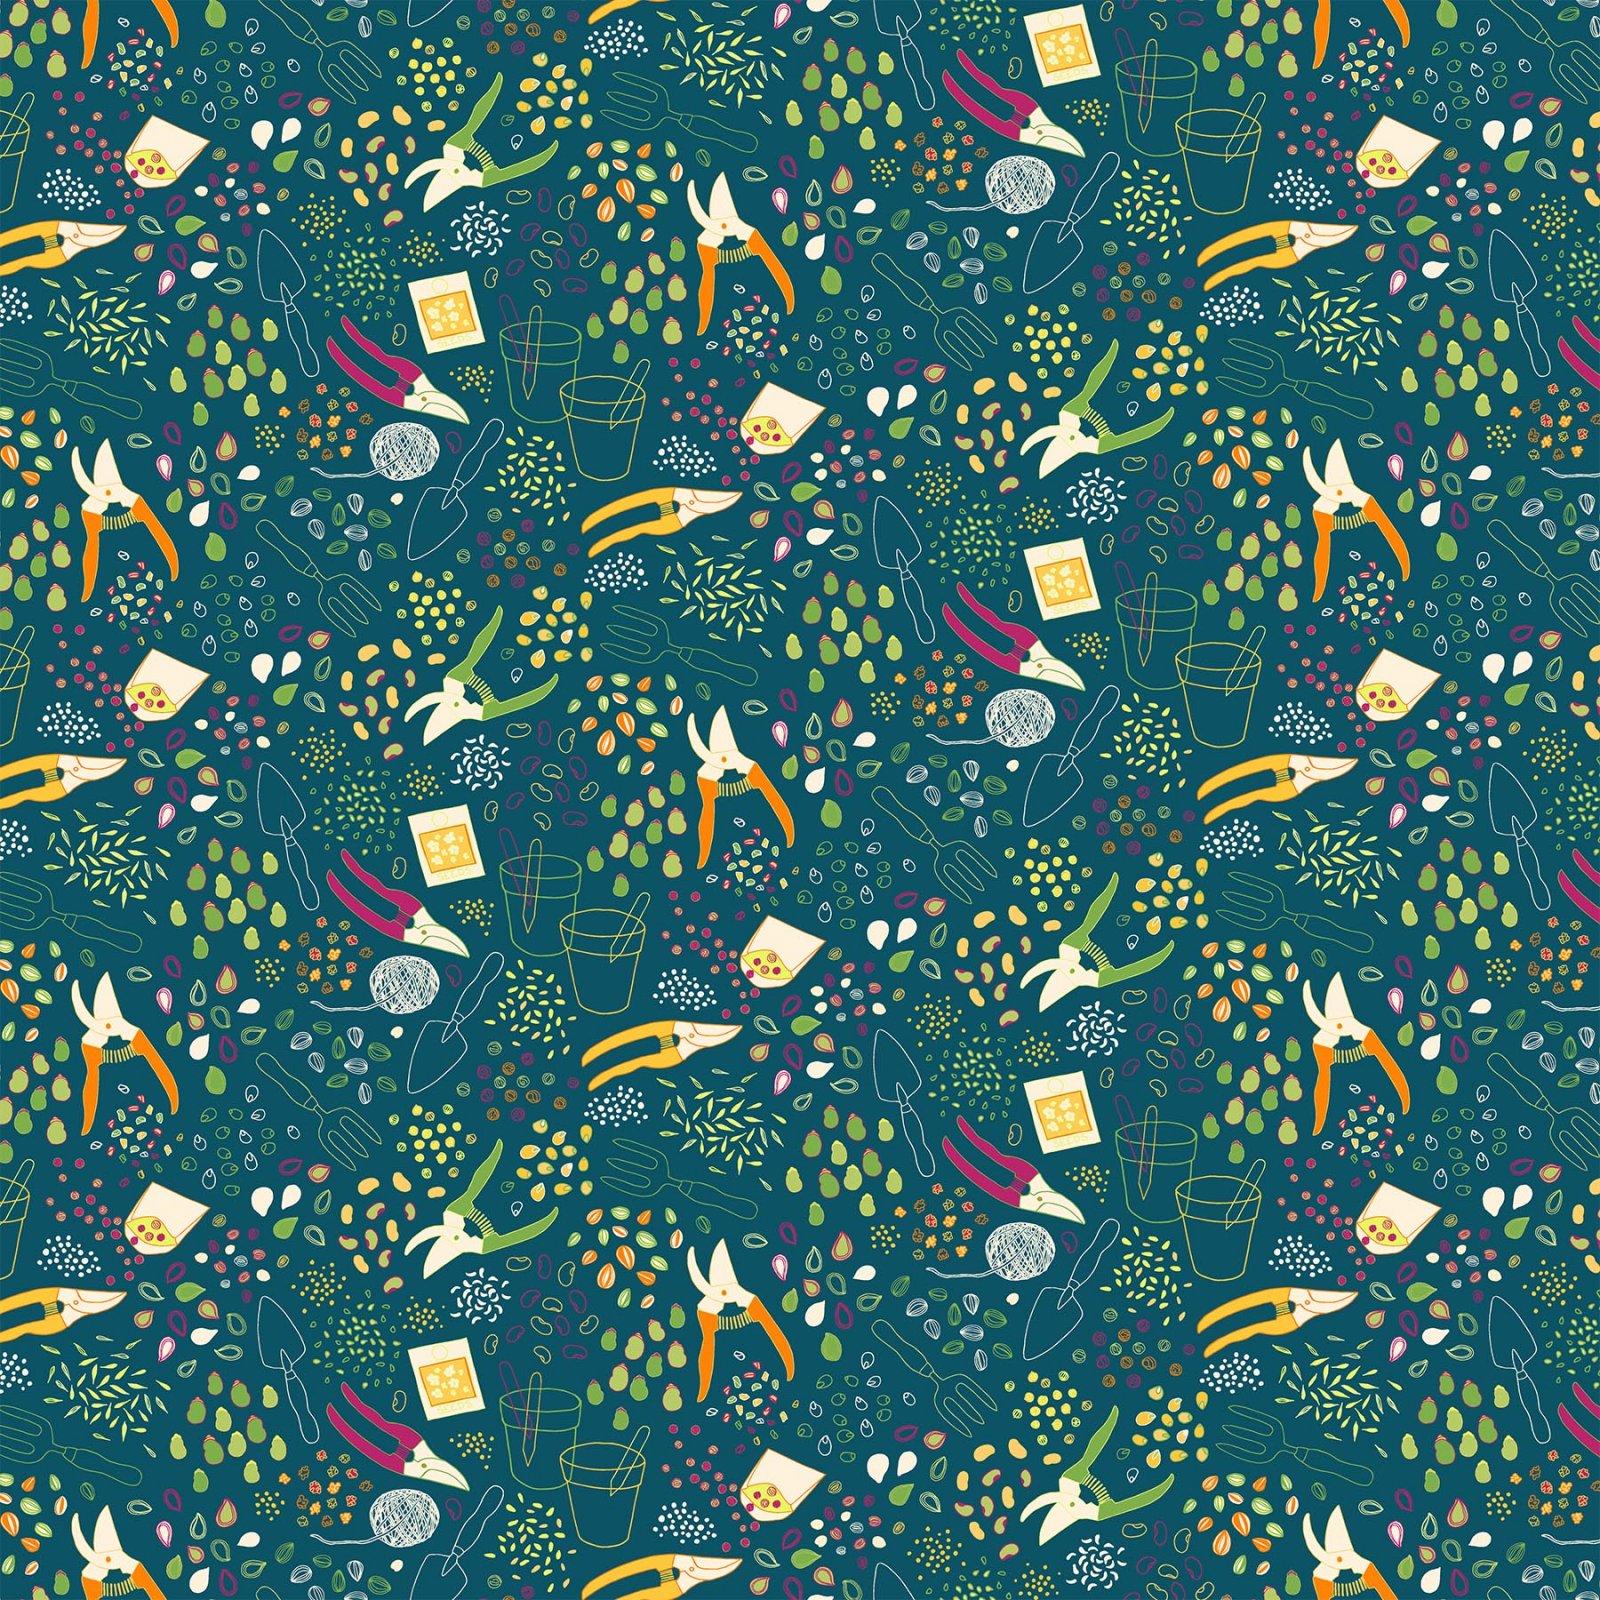 Grow by Pippa Shaw for Figo Fabrics - Sow -  Teal